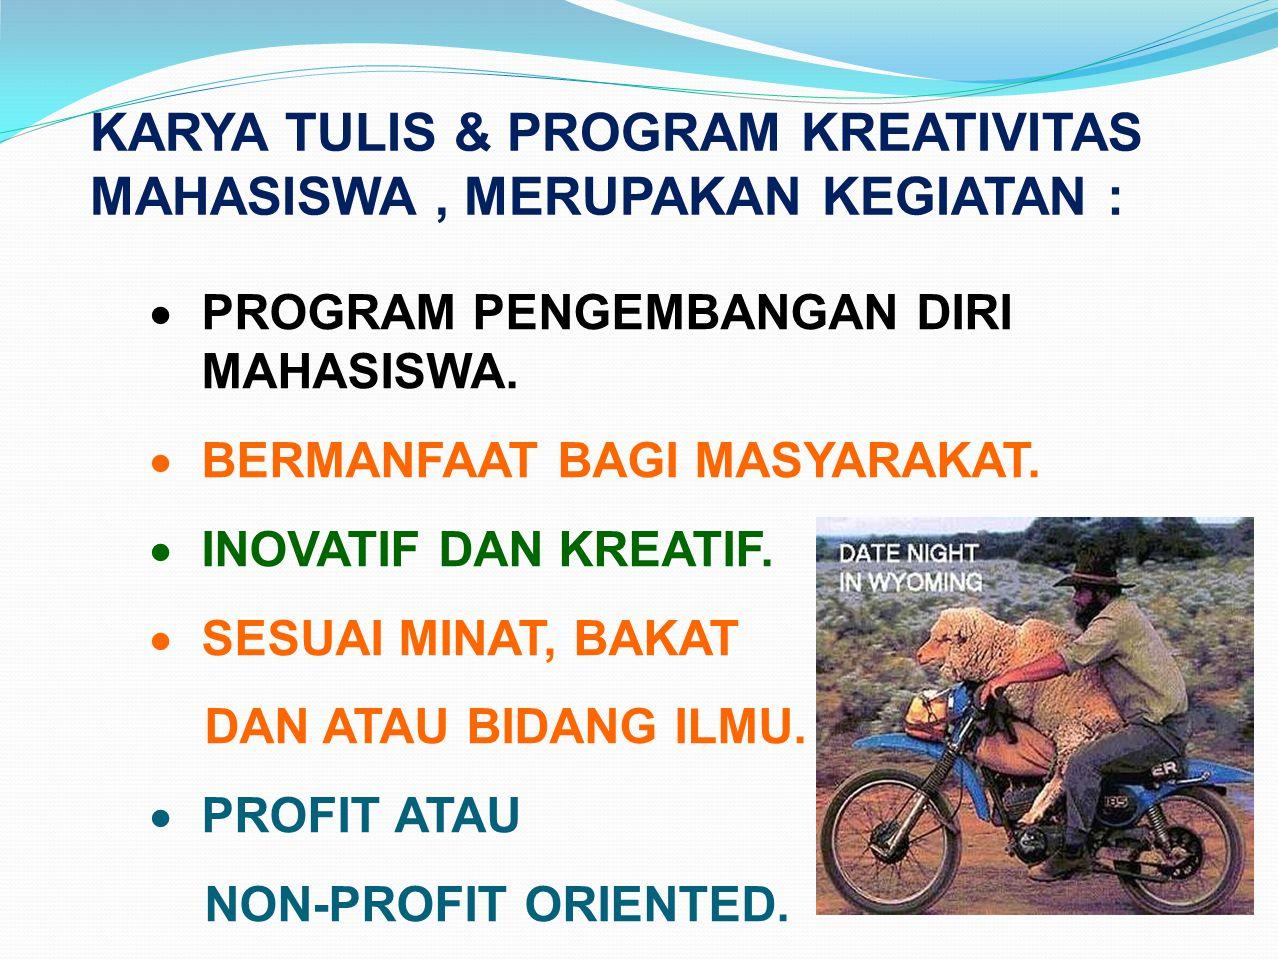 KARYA TULIS & PROGRAM KREATIVITAS MAHASISWA, MERUPAKAN KEGIATAN :  PROGRAM PENGEMBANGAN DIRI MAHASISWA.  BERMANFAAT BAGI MASYARAKAT.  INOVATIF DAN